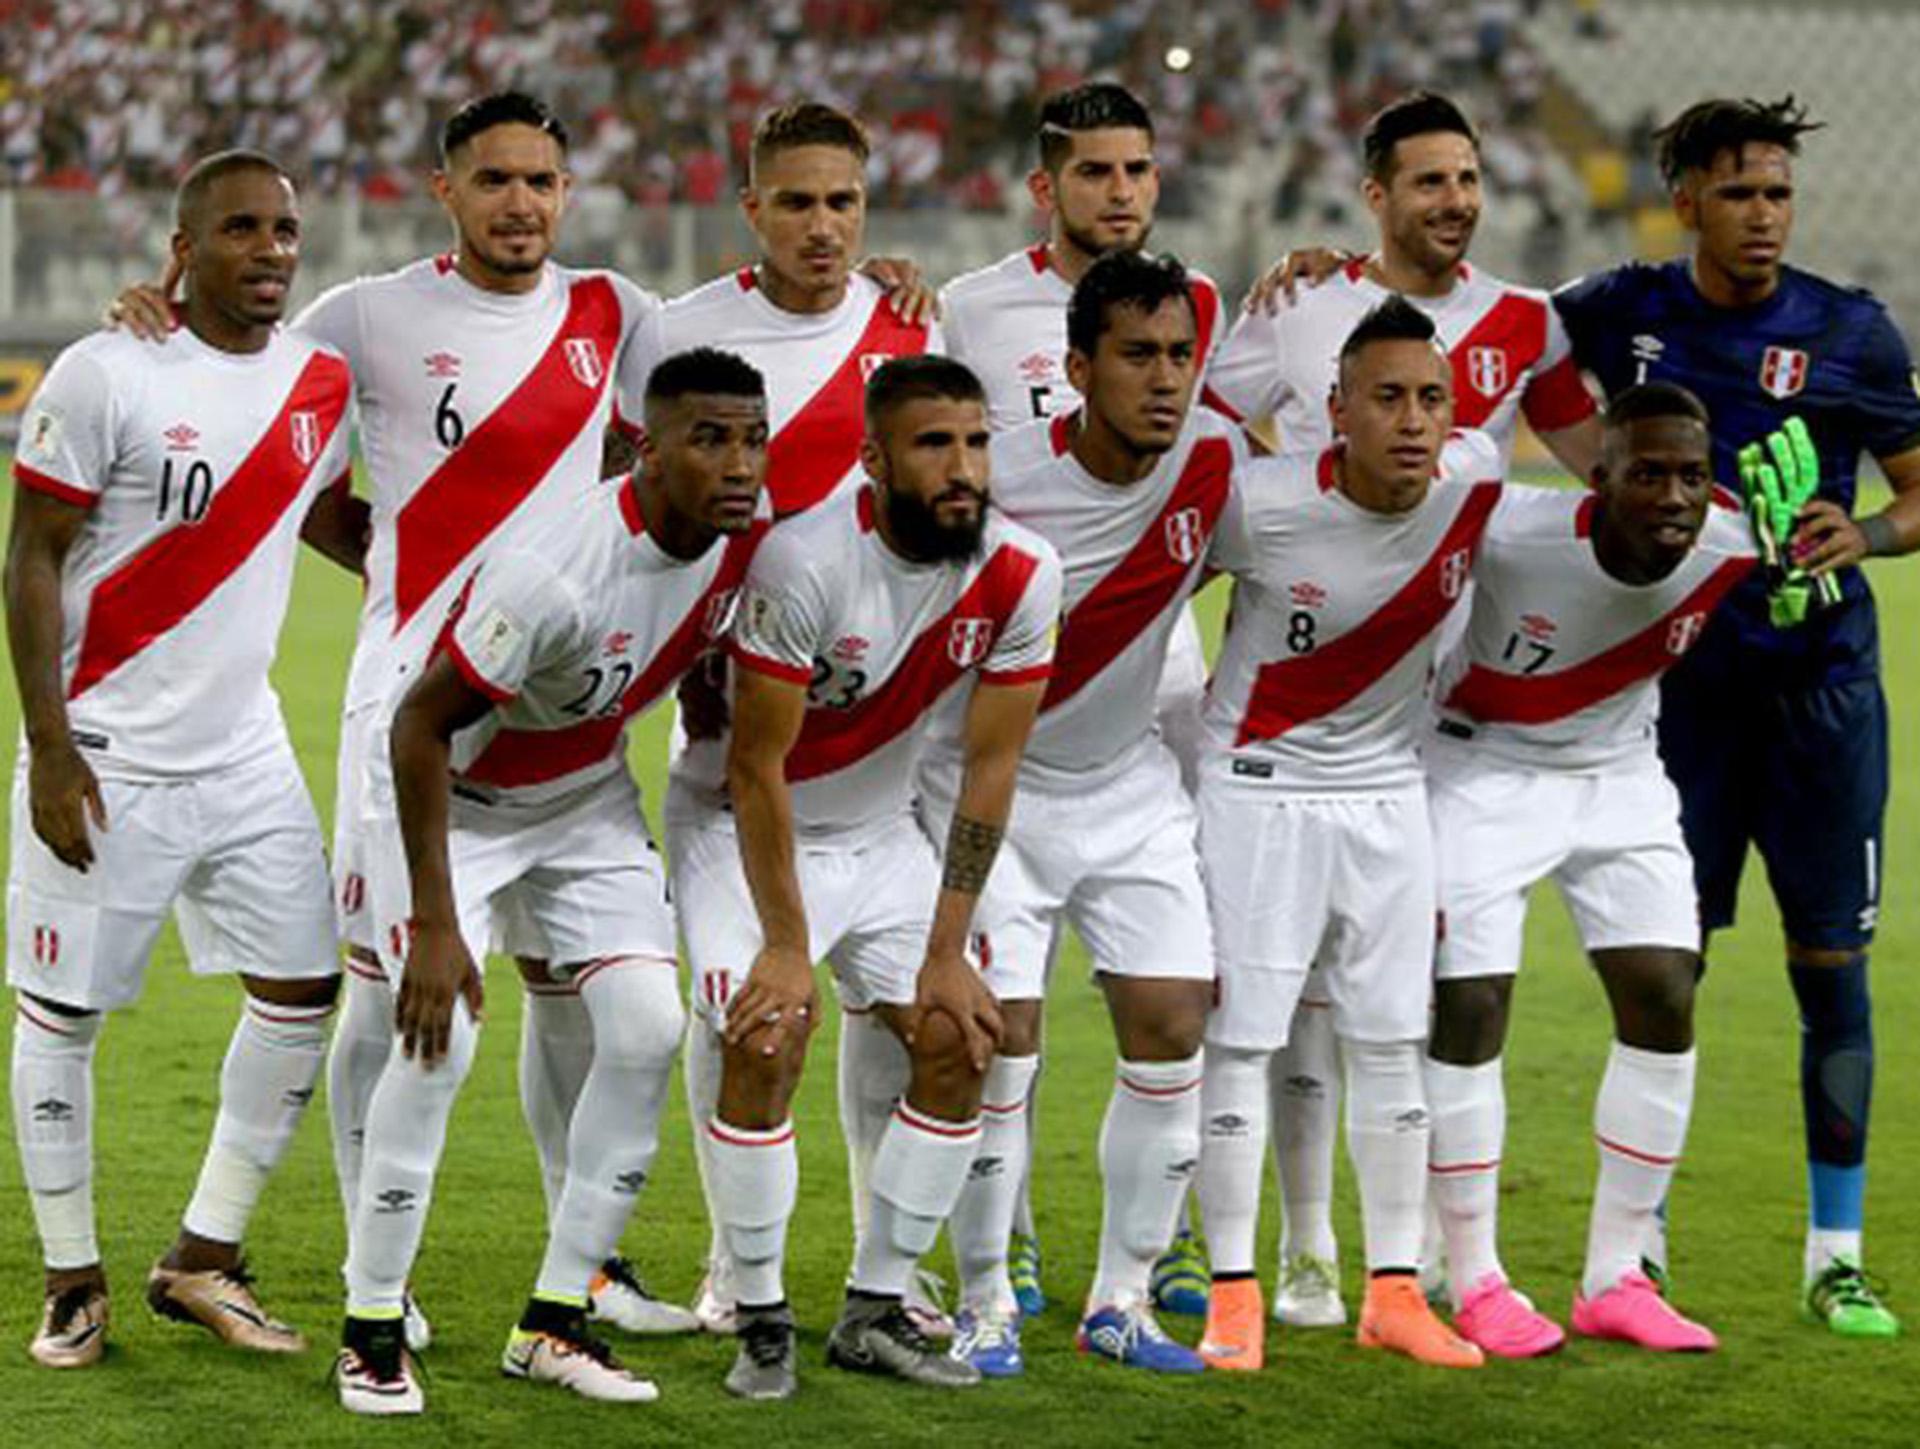 La Federación Peruana de Fútbol reveló finalmente la lista preliminar para el Mundial de Rusia 2018